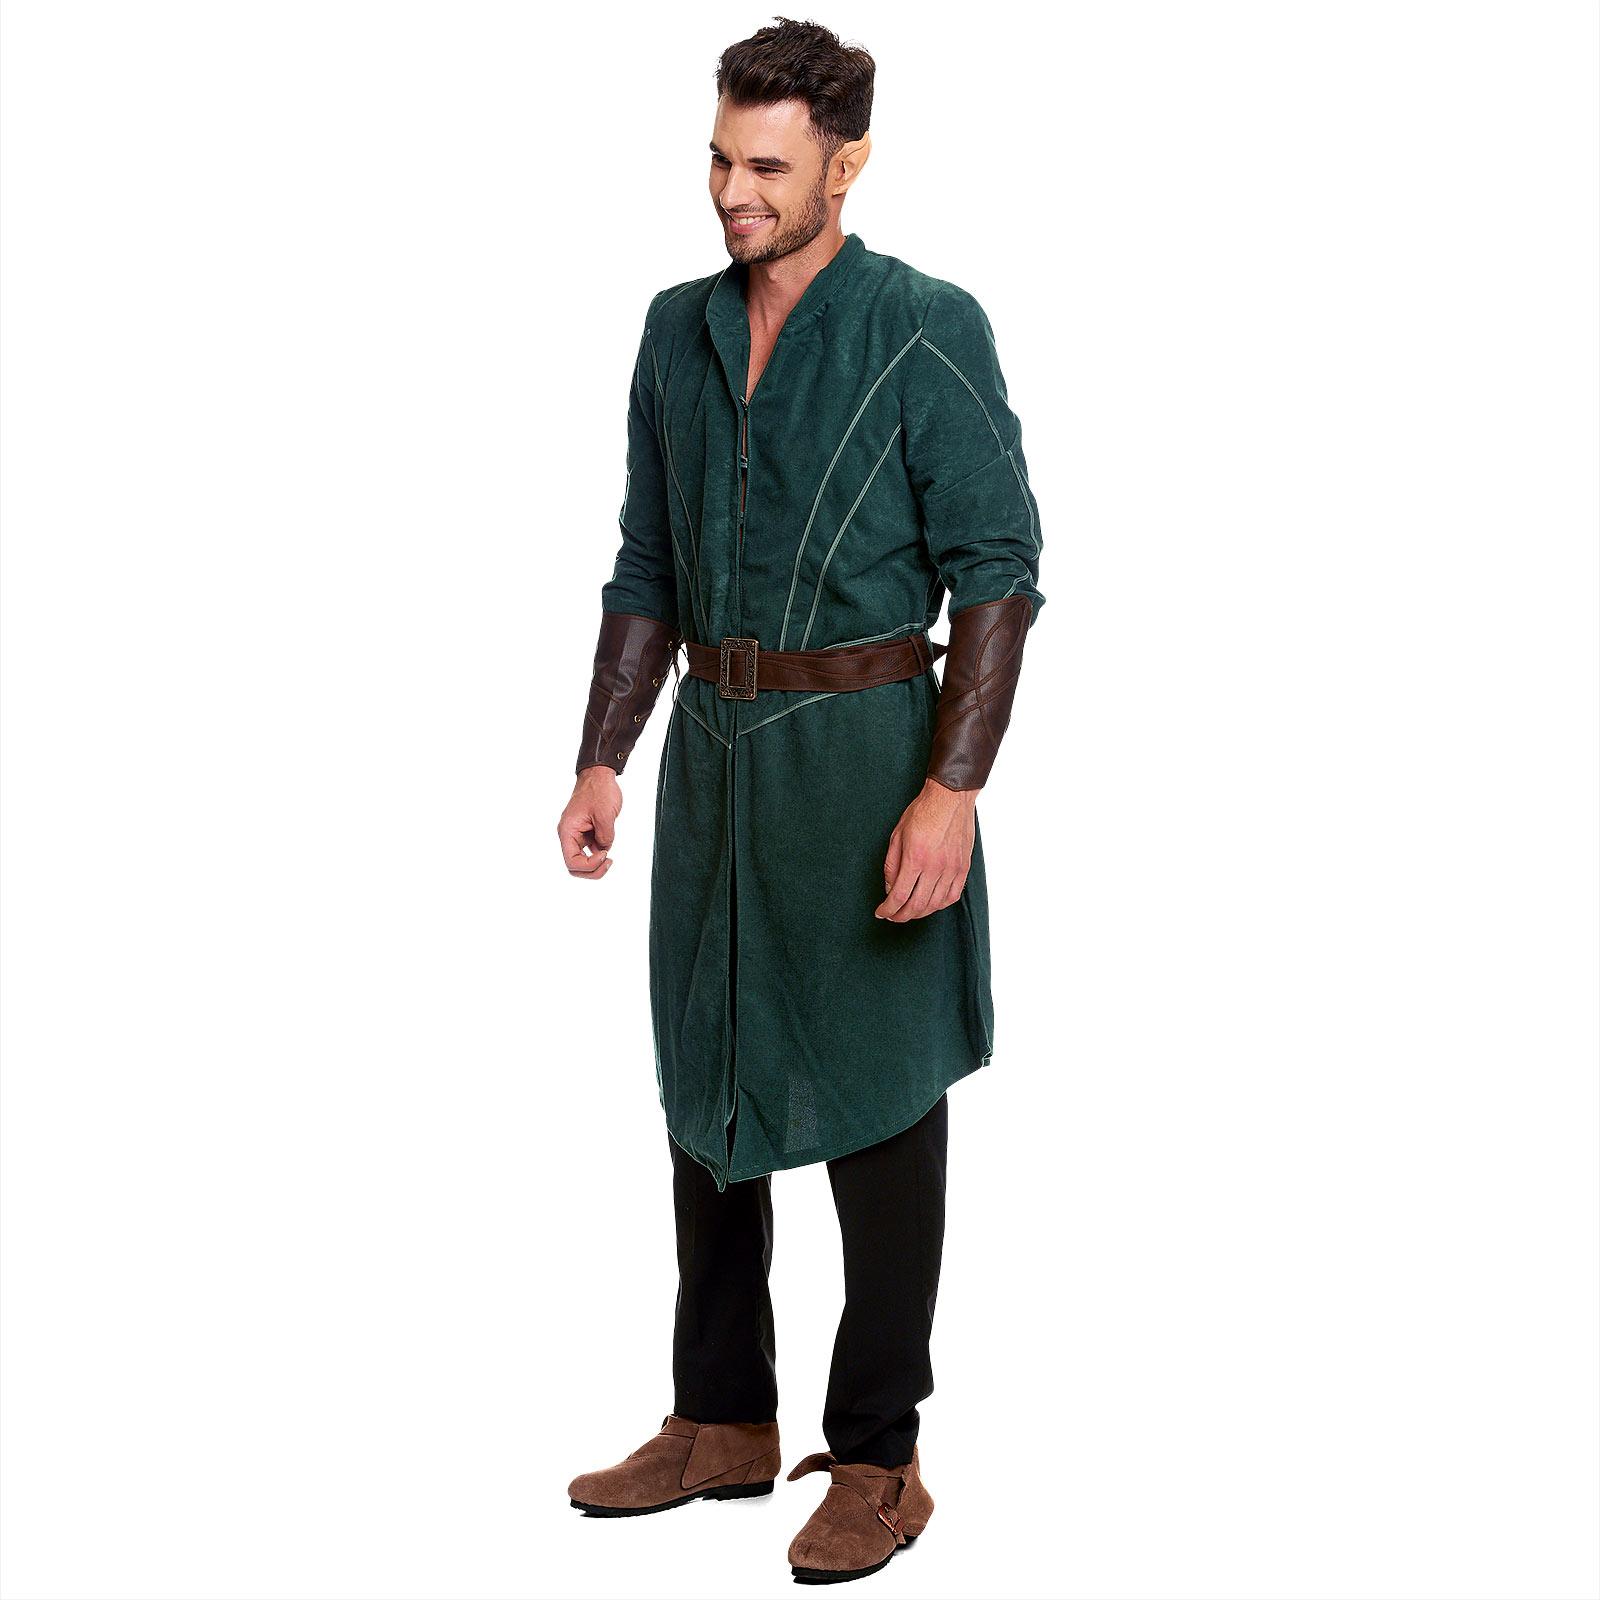 Legolas Elben Kostüm für Herr der Ringe Fans